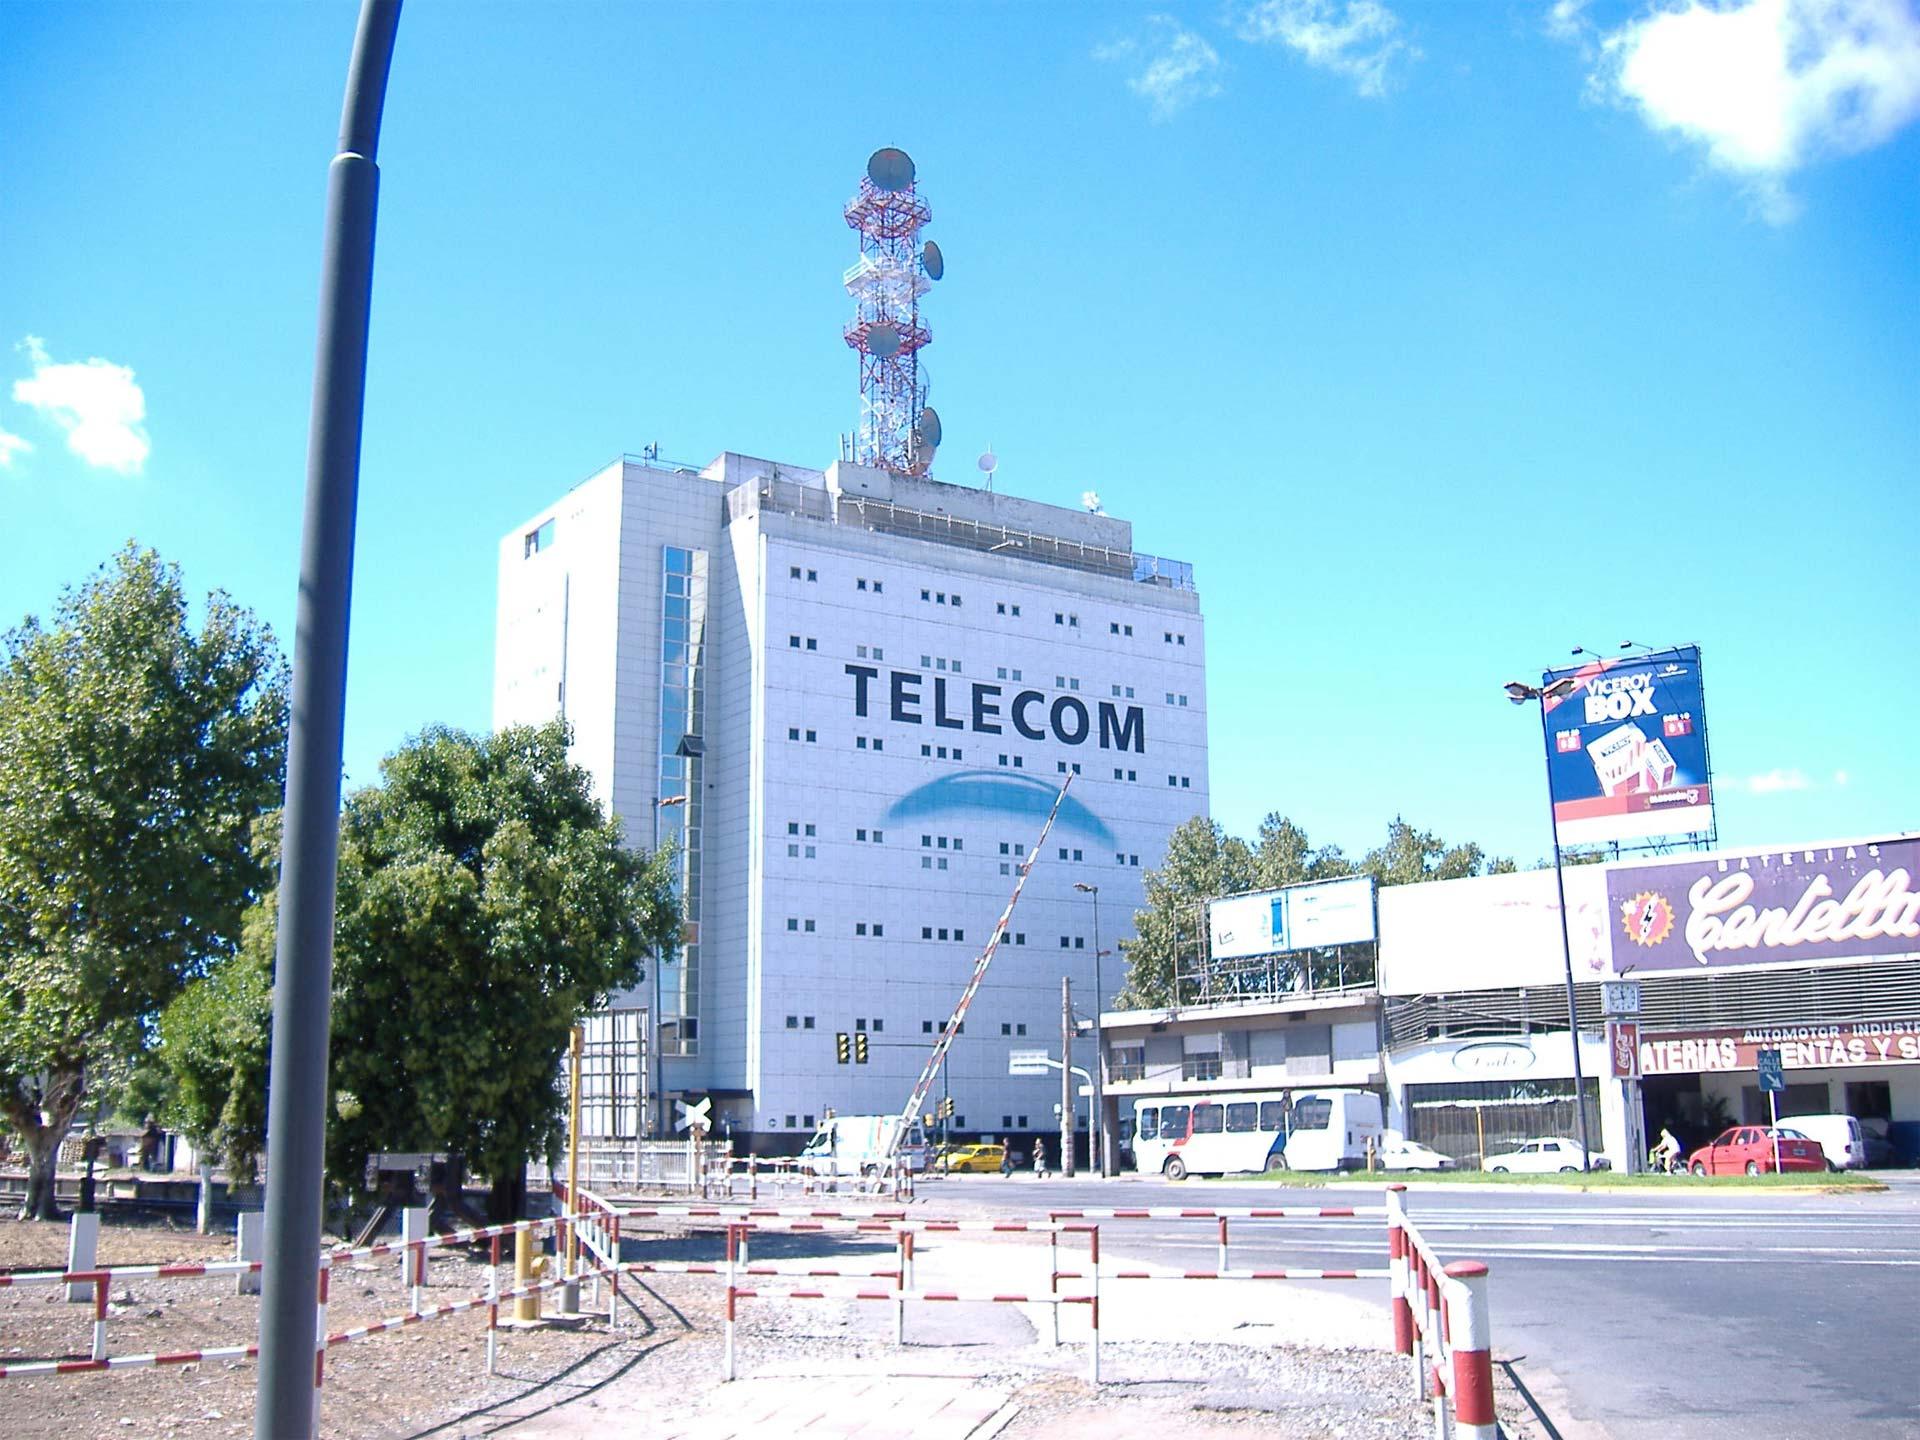 La compañía de telefonía argentina anunció que el fondo Fintech quiere comprar la mayoría accionaria